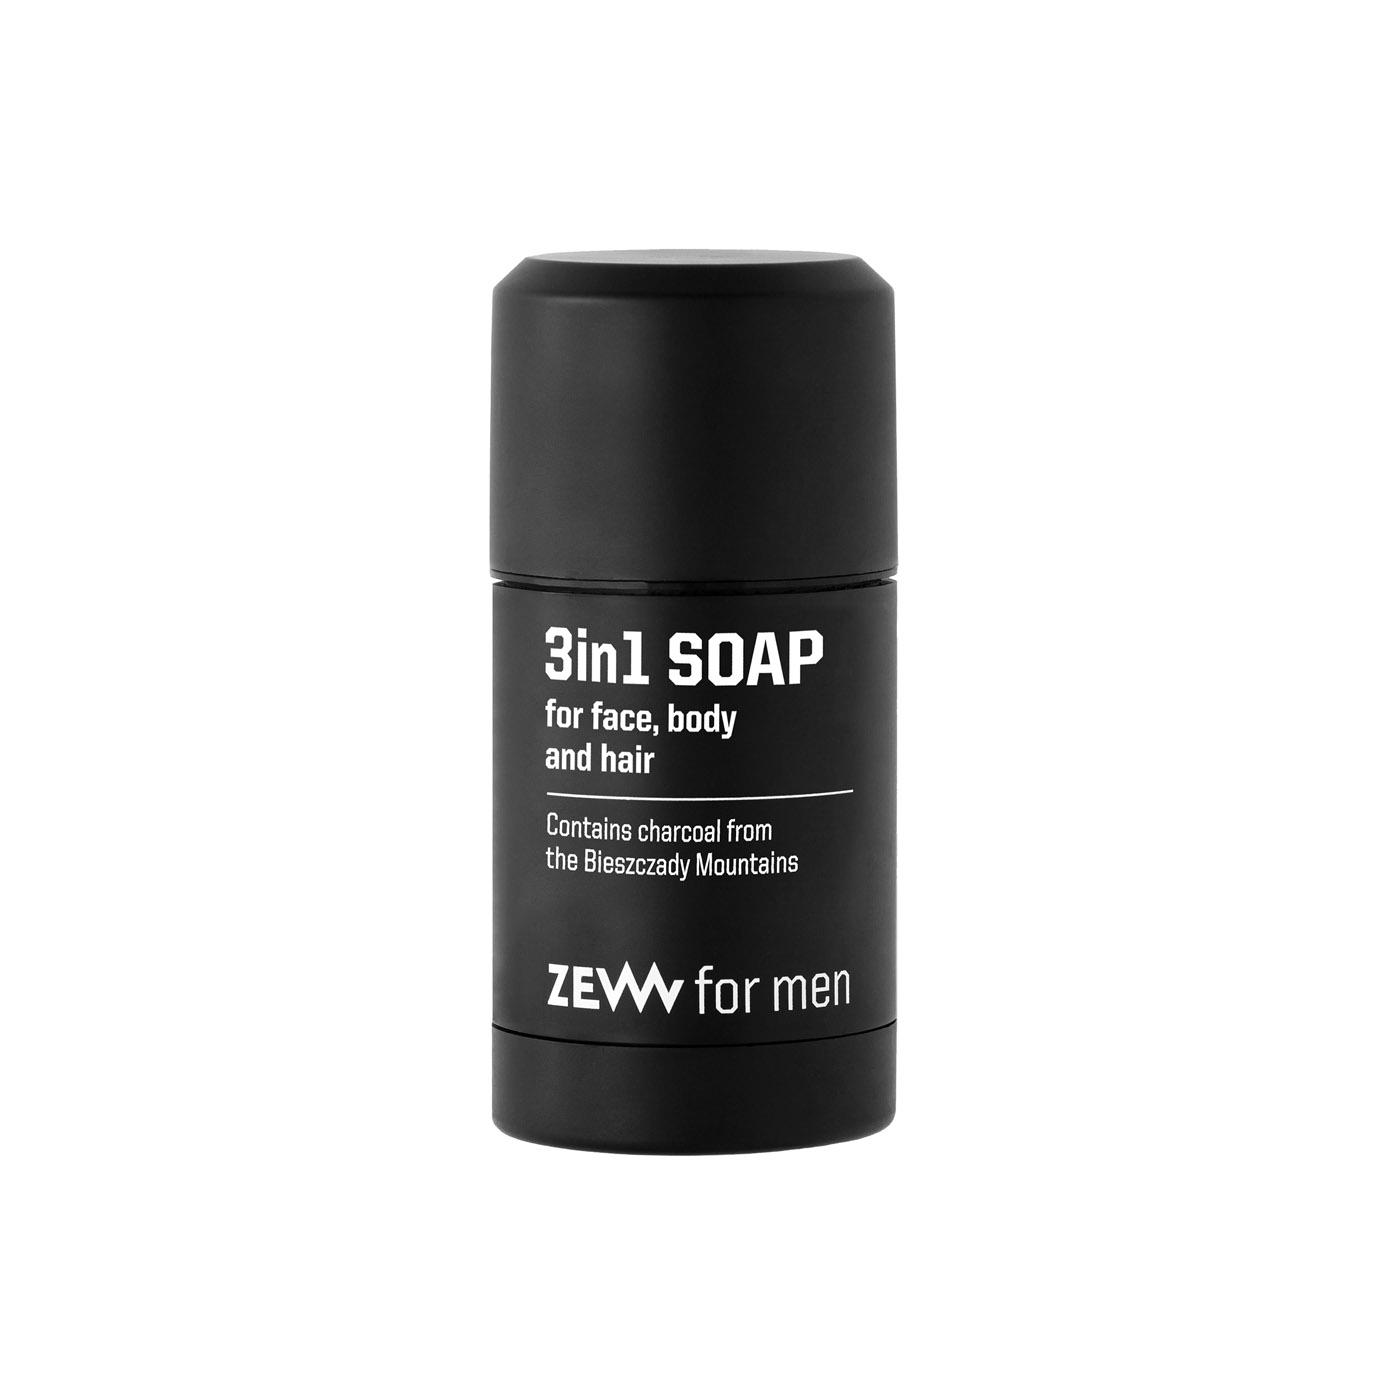 ZEW for men 3 in 1 soap: body, face and hair - mýdlo 3v1 na tělo, obličej a vlasy s dřevěným uhlím, 85 ml + Kapsa M